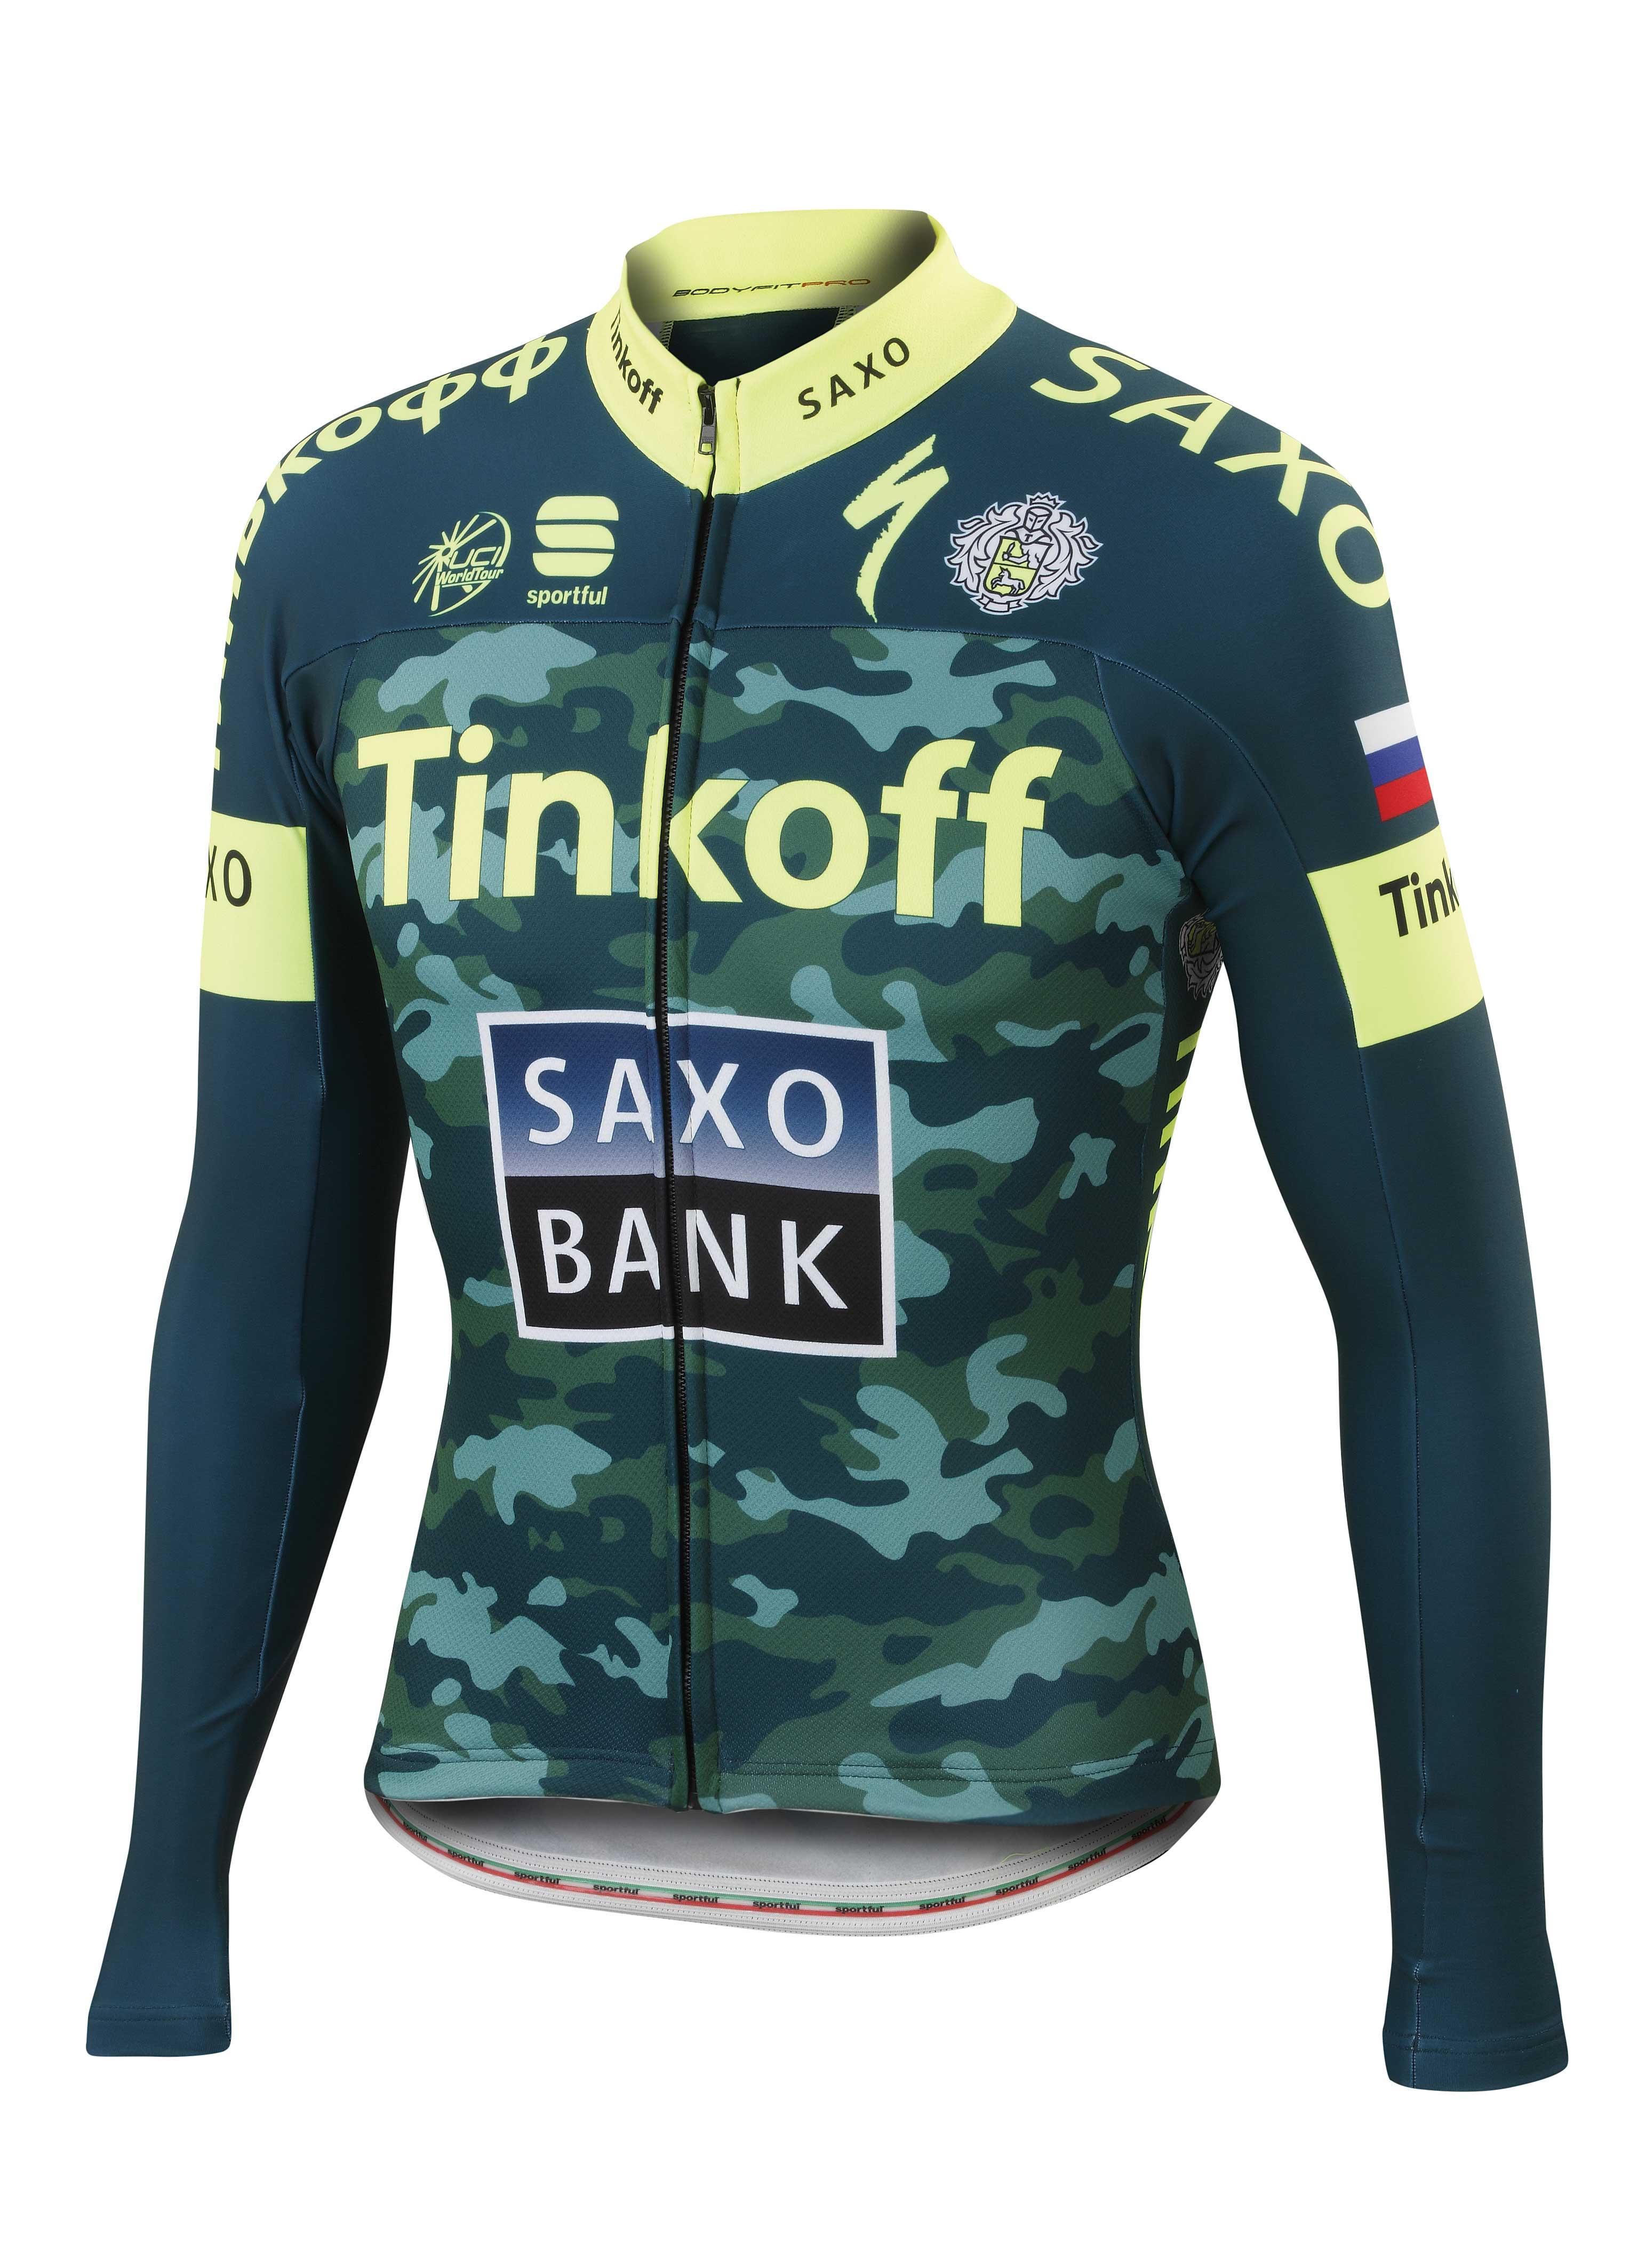 TinkoffCamoJersey TinkoffCamoLS. Saxo Tinkoff 8d014cf47